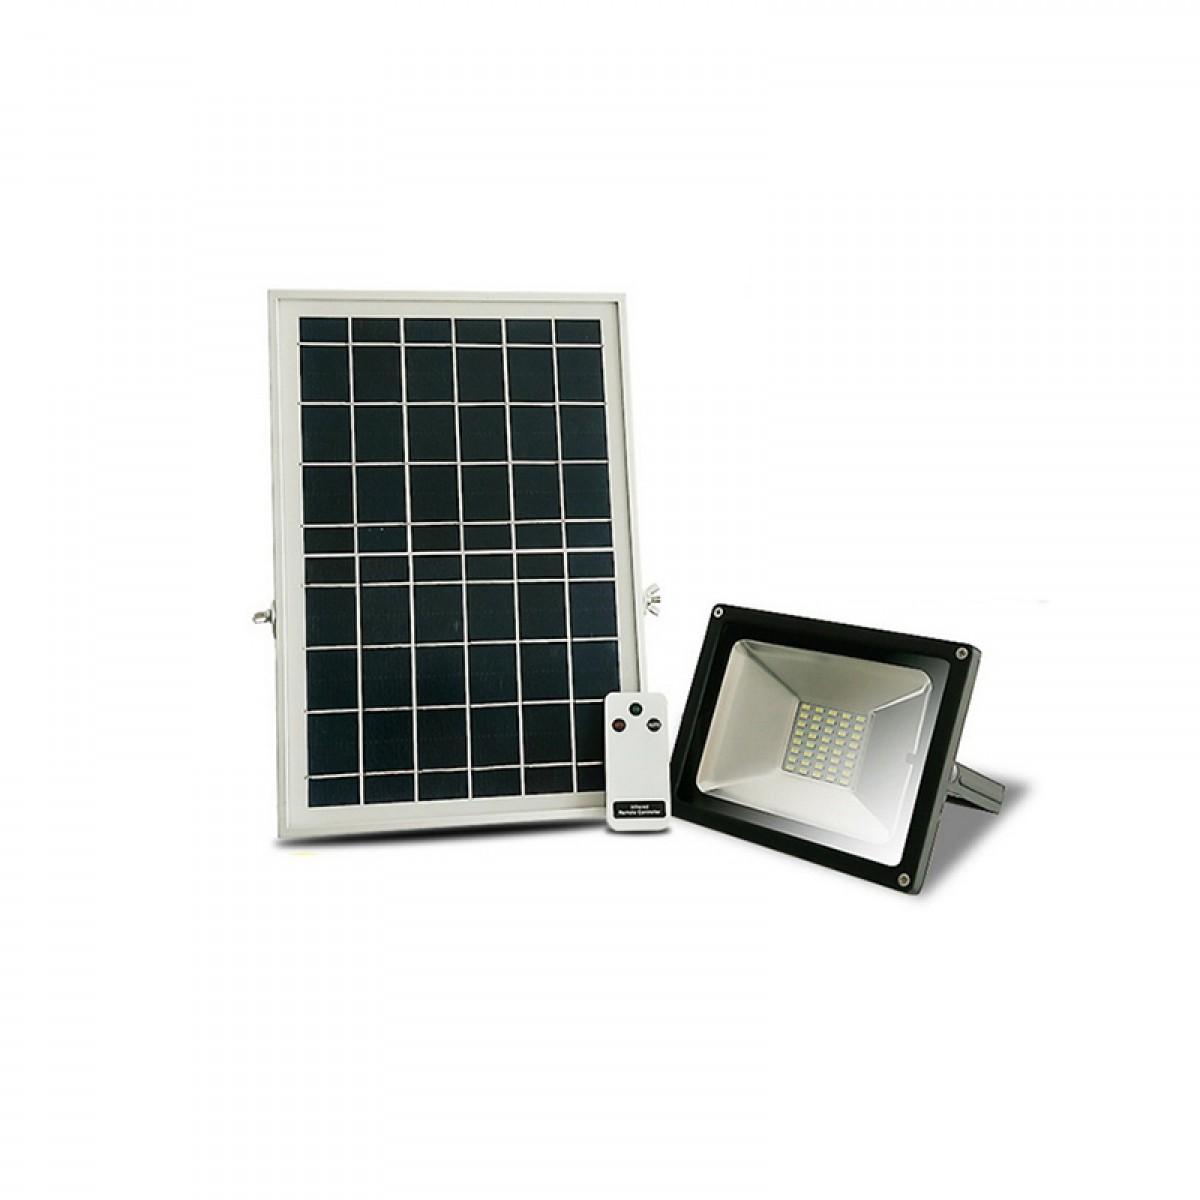 Ηλιακός προβολέας ανάβει μόλις νυχτώσει και σβήνει όταν ξημερώσει εξωτερικού χώρου IP 65 10W με 25 ισχυρά SMD LED + Τηλεχειριστήριο ON - OFF + Επιλογή αυτόματου φωτισμού το βράδυ